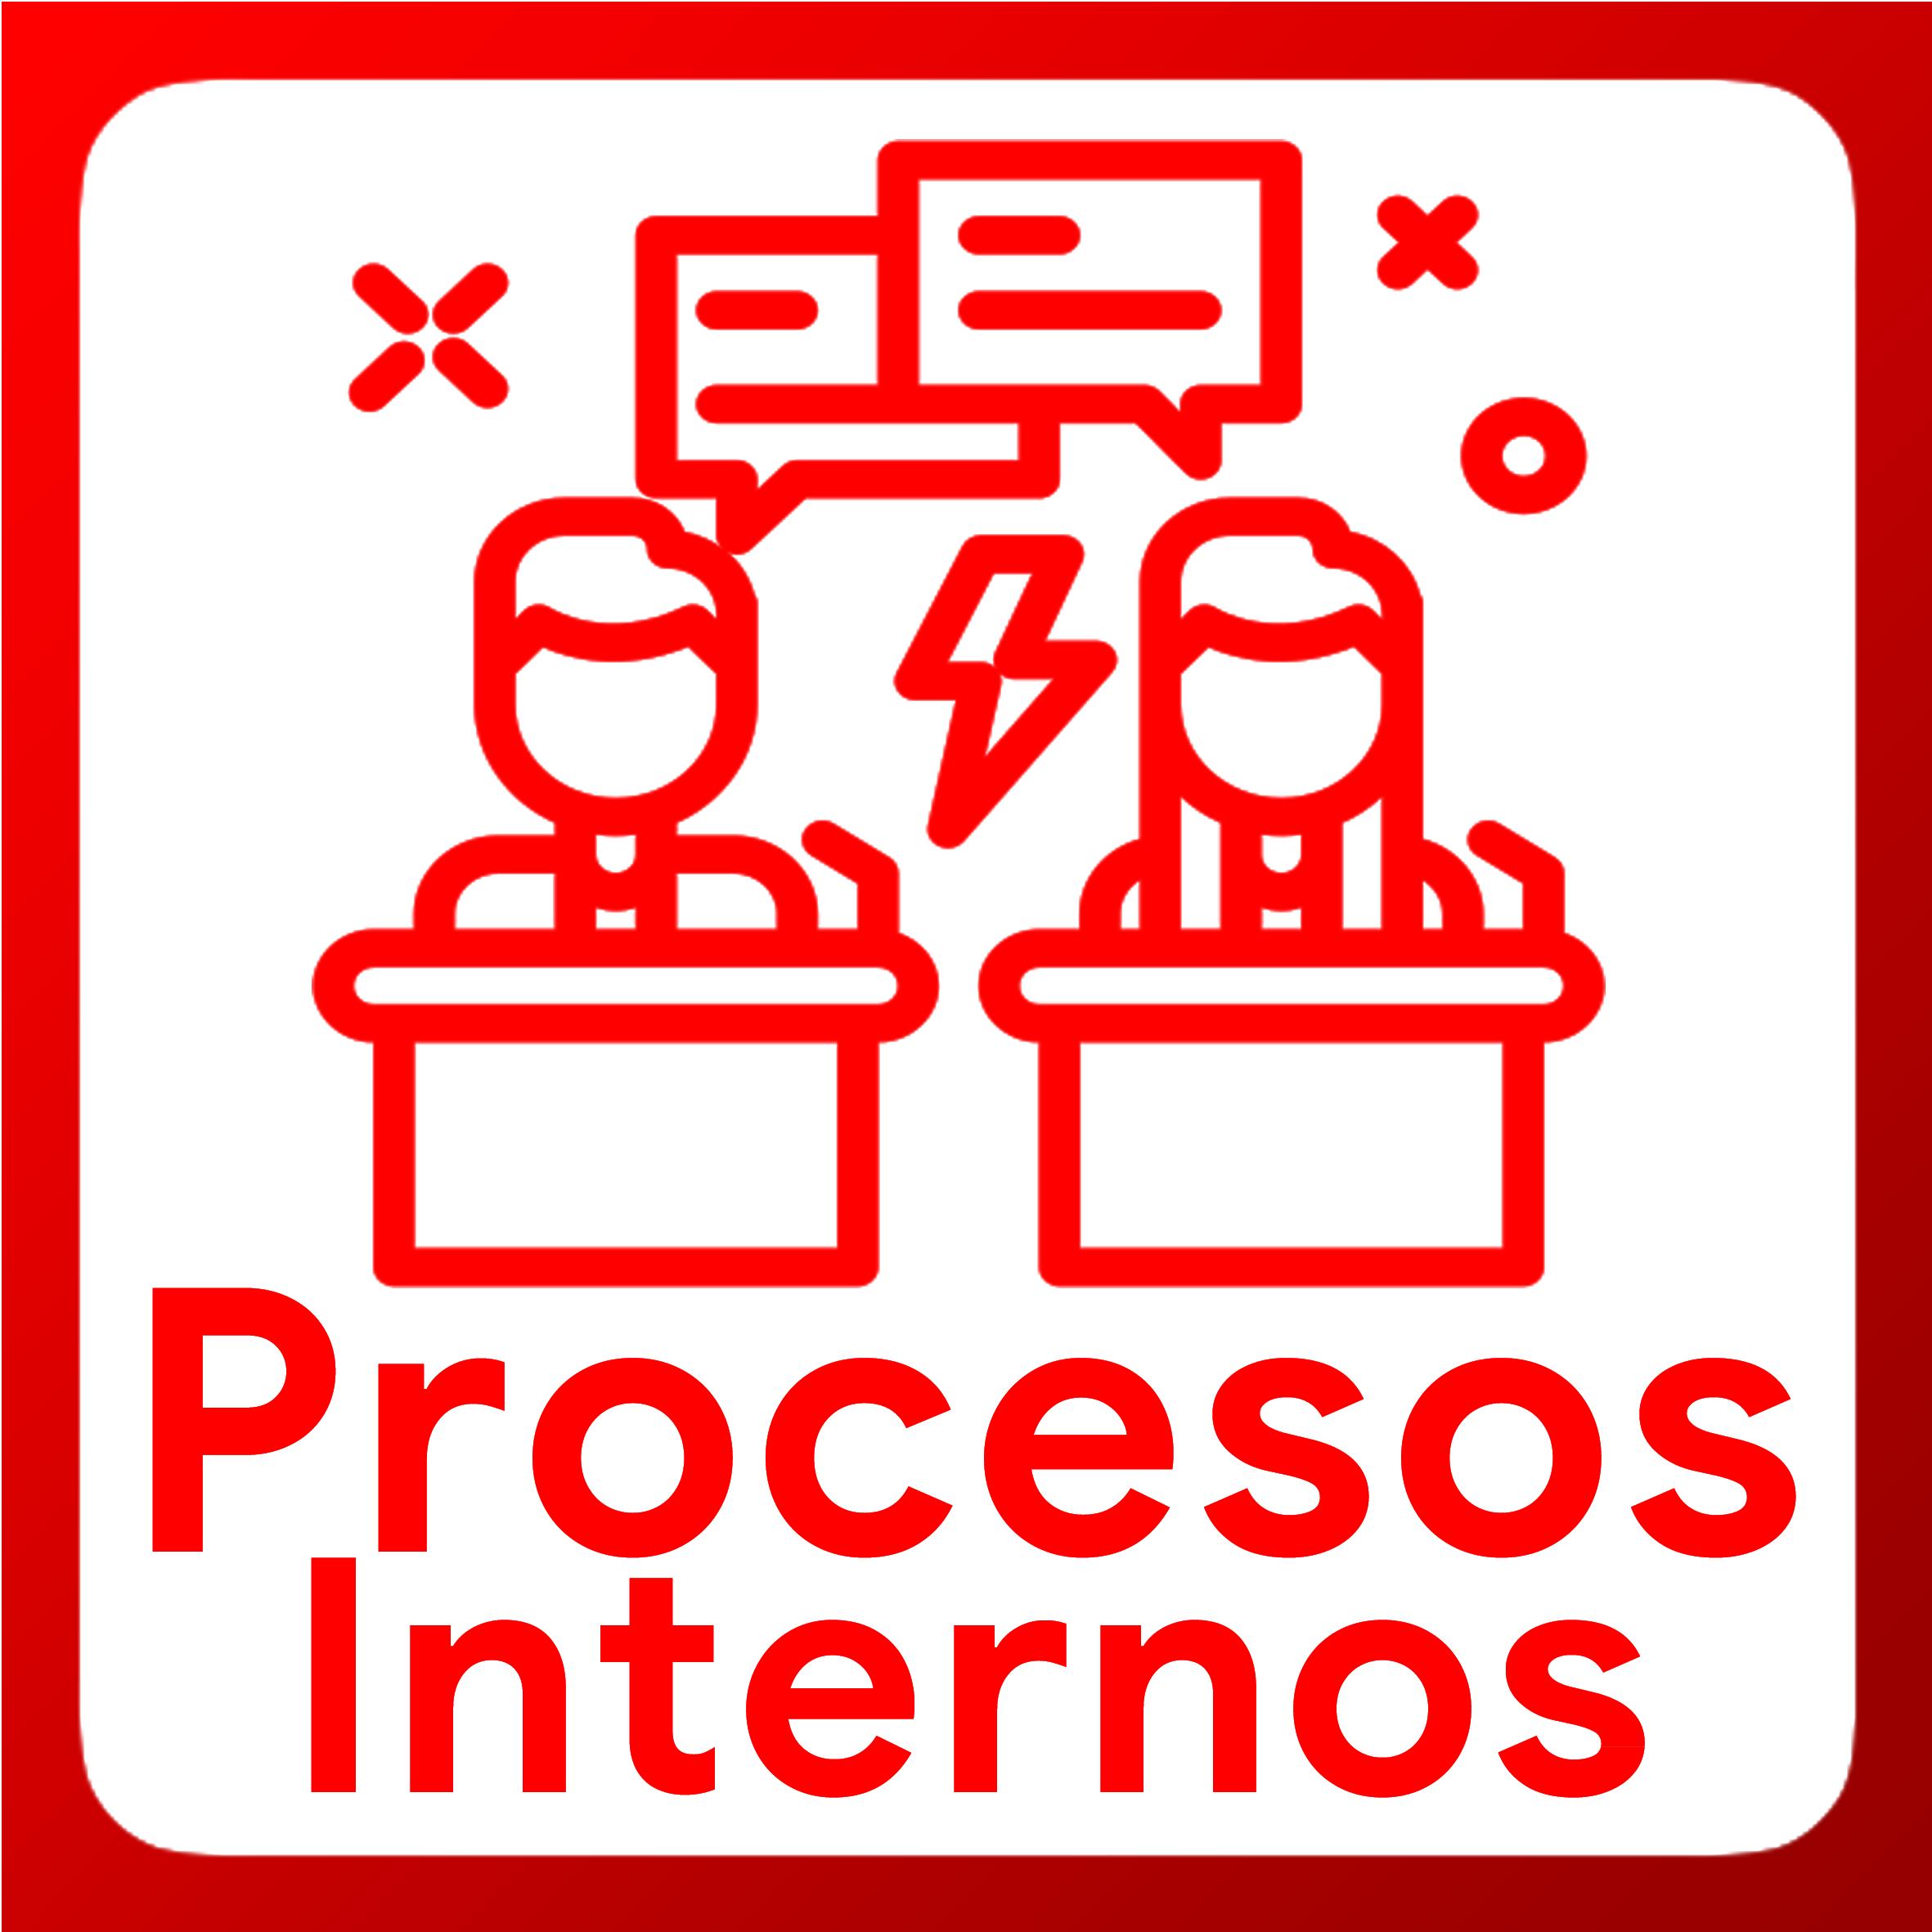 Boton activable de Procesos Internos